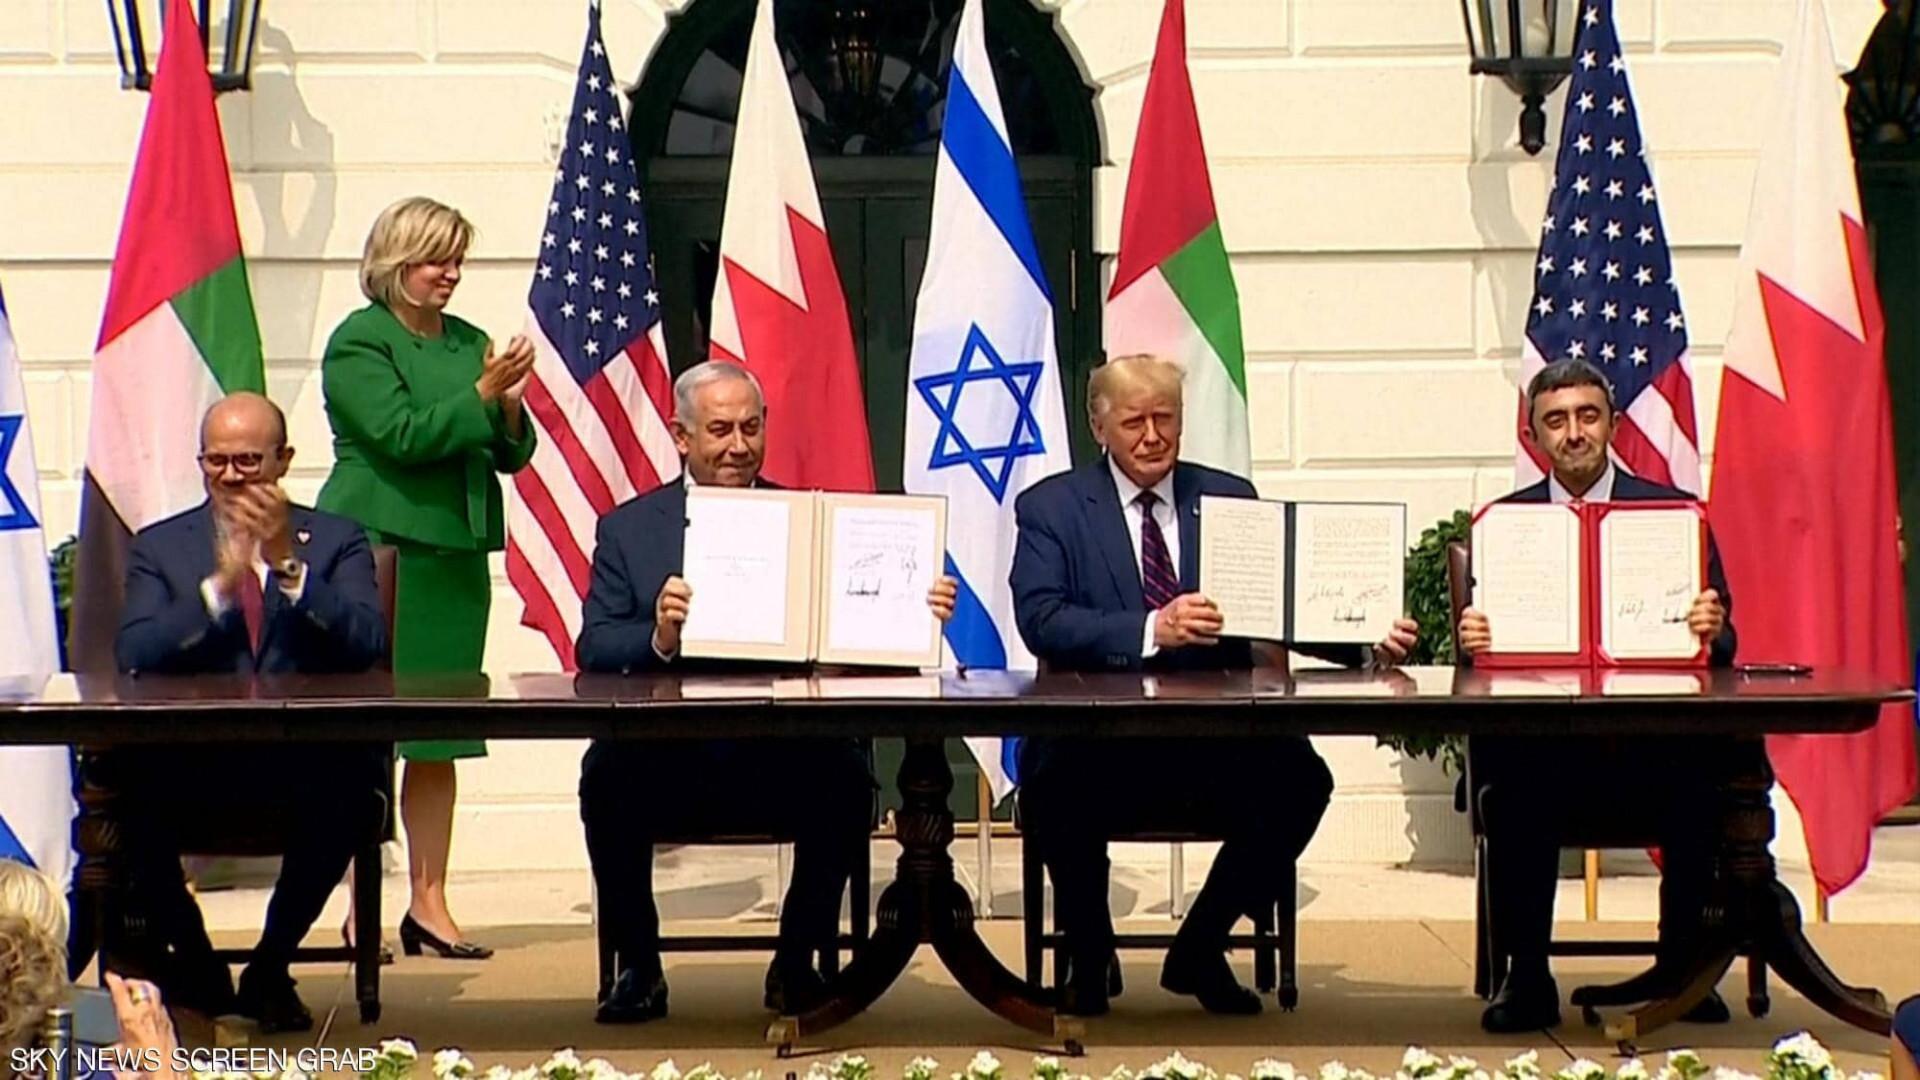 رسمياً.. الإمارات وإسرائيل توقعان اتفاق التطبيع